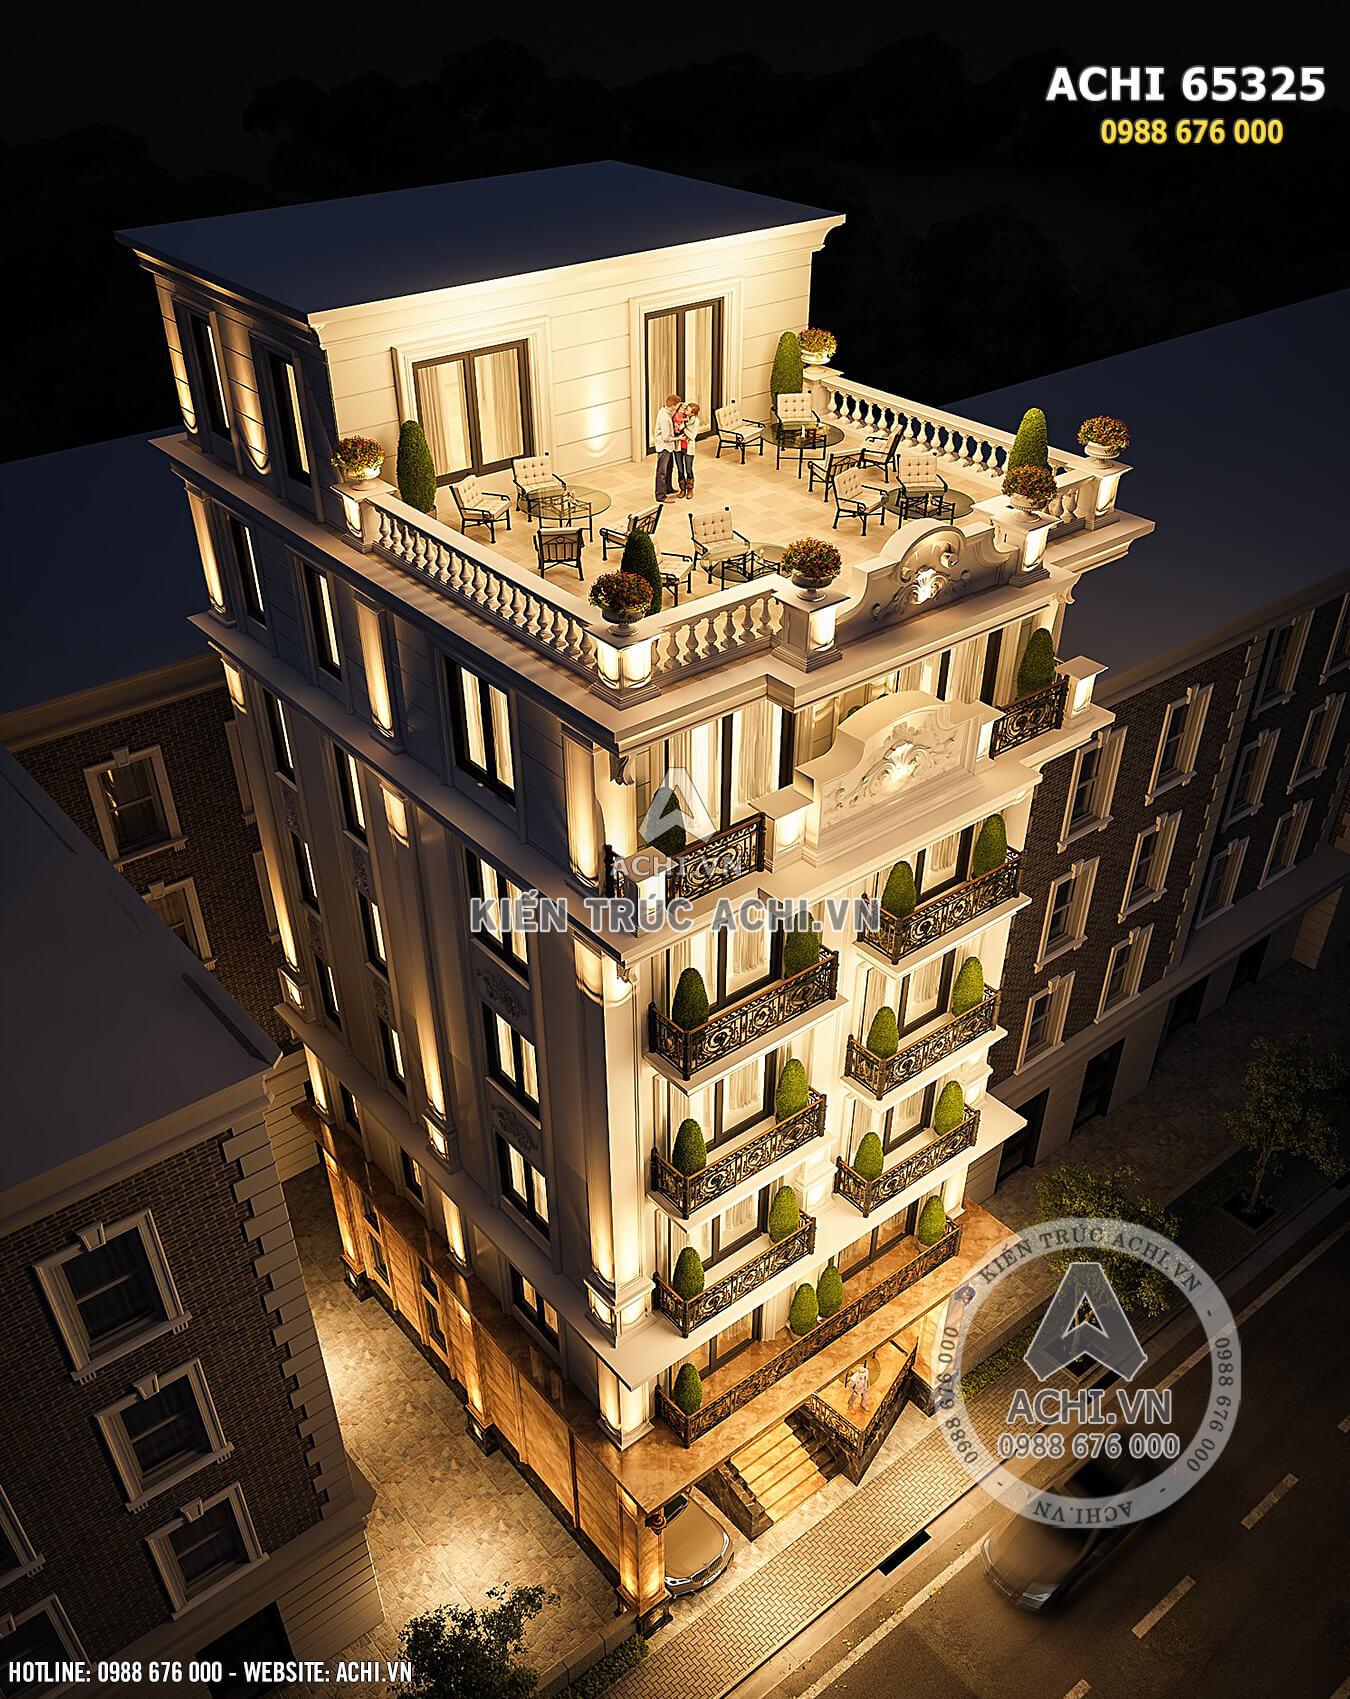 Hình ảnh: Góc nhìn từ trên xuống của ý tưởng thiết kế chung cư mini